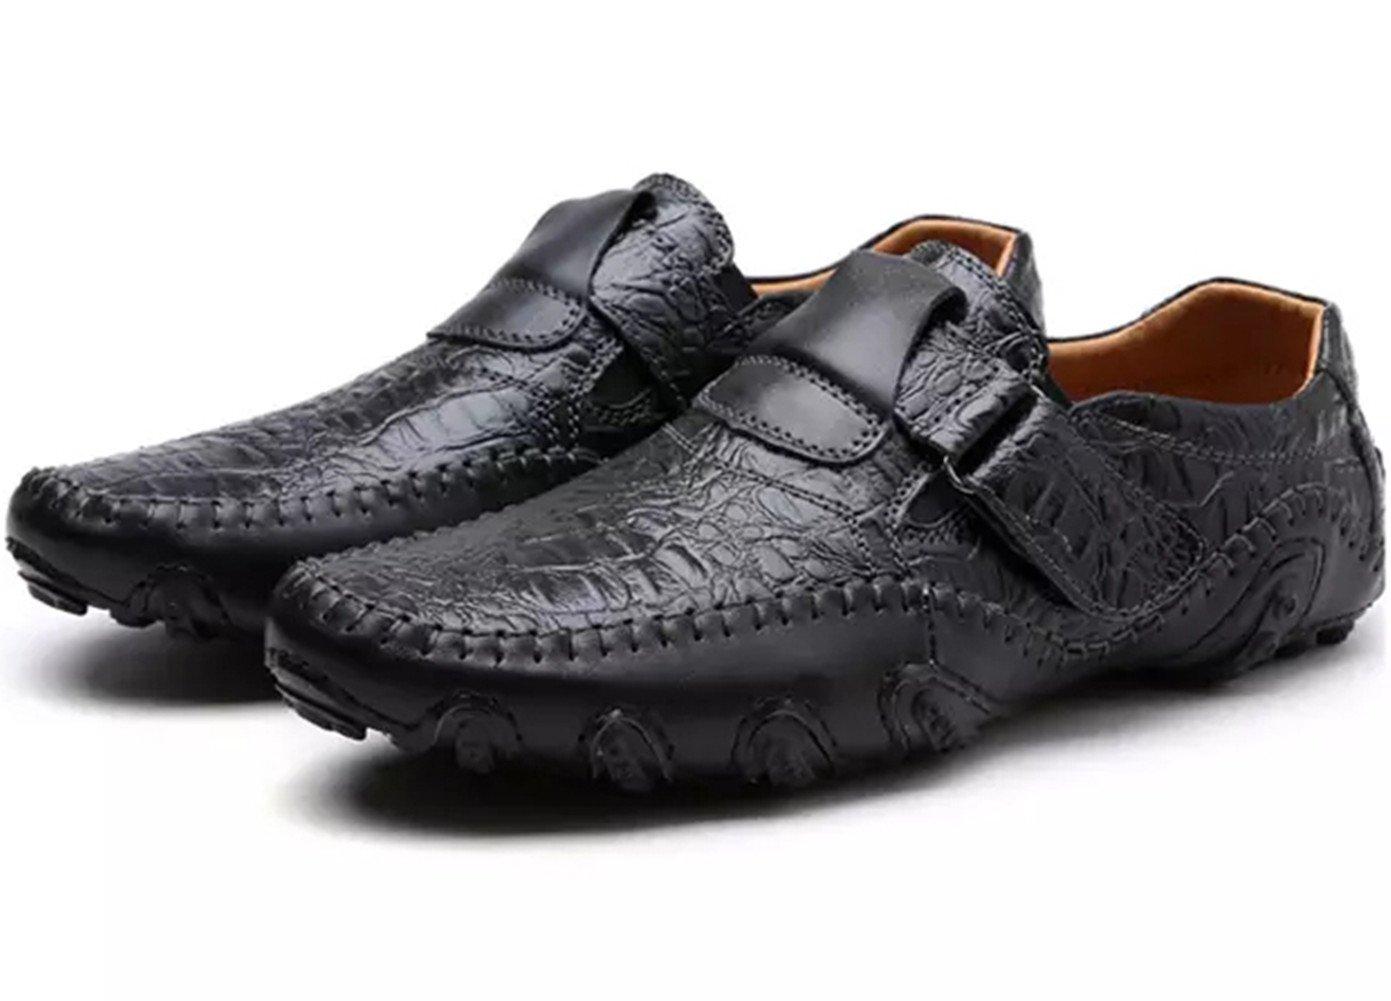 SZAWSL Herren Leder Schuhe Slipper Elegant Flache Loafers Bootsschuhe Derby  E U 42|Schwarz